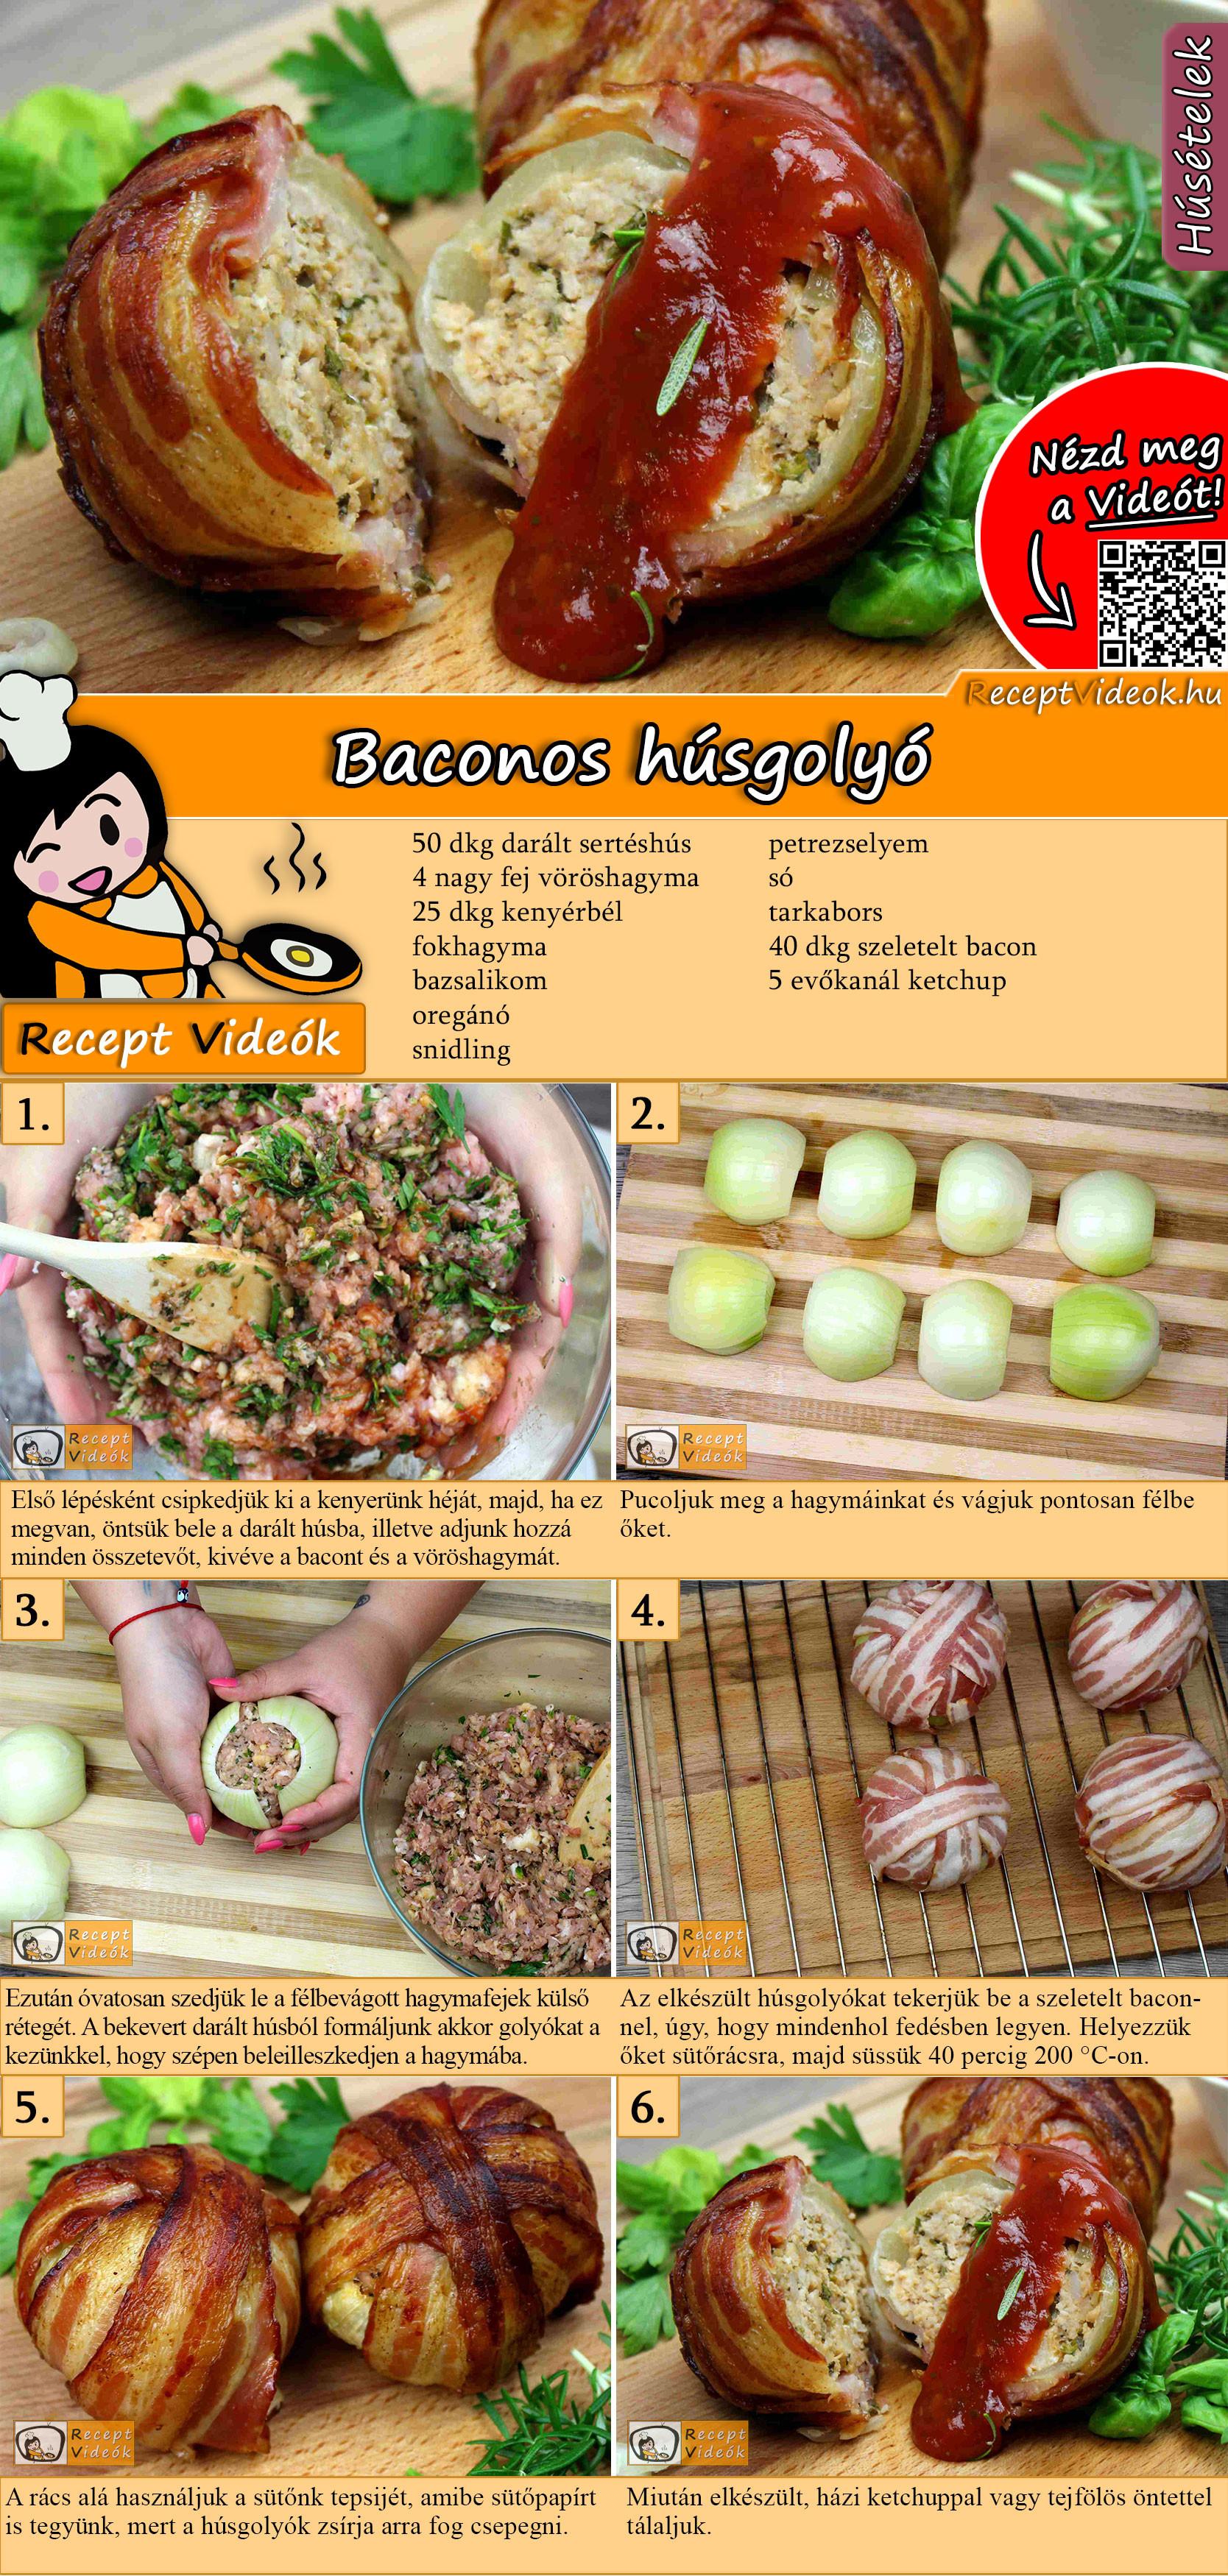 Baconös húsgolyó recept elkészítése videóval